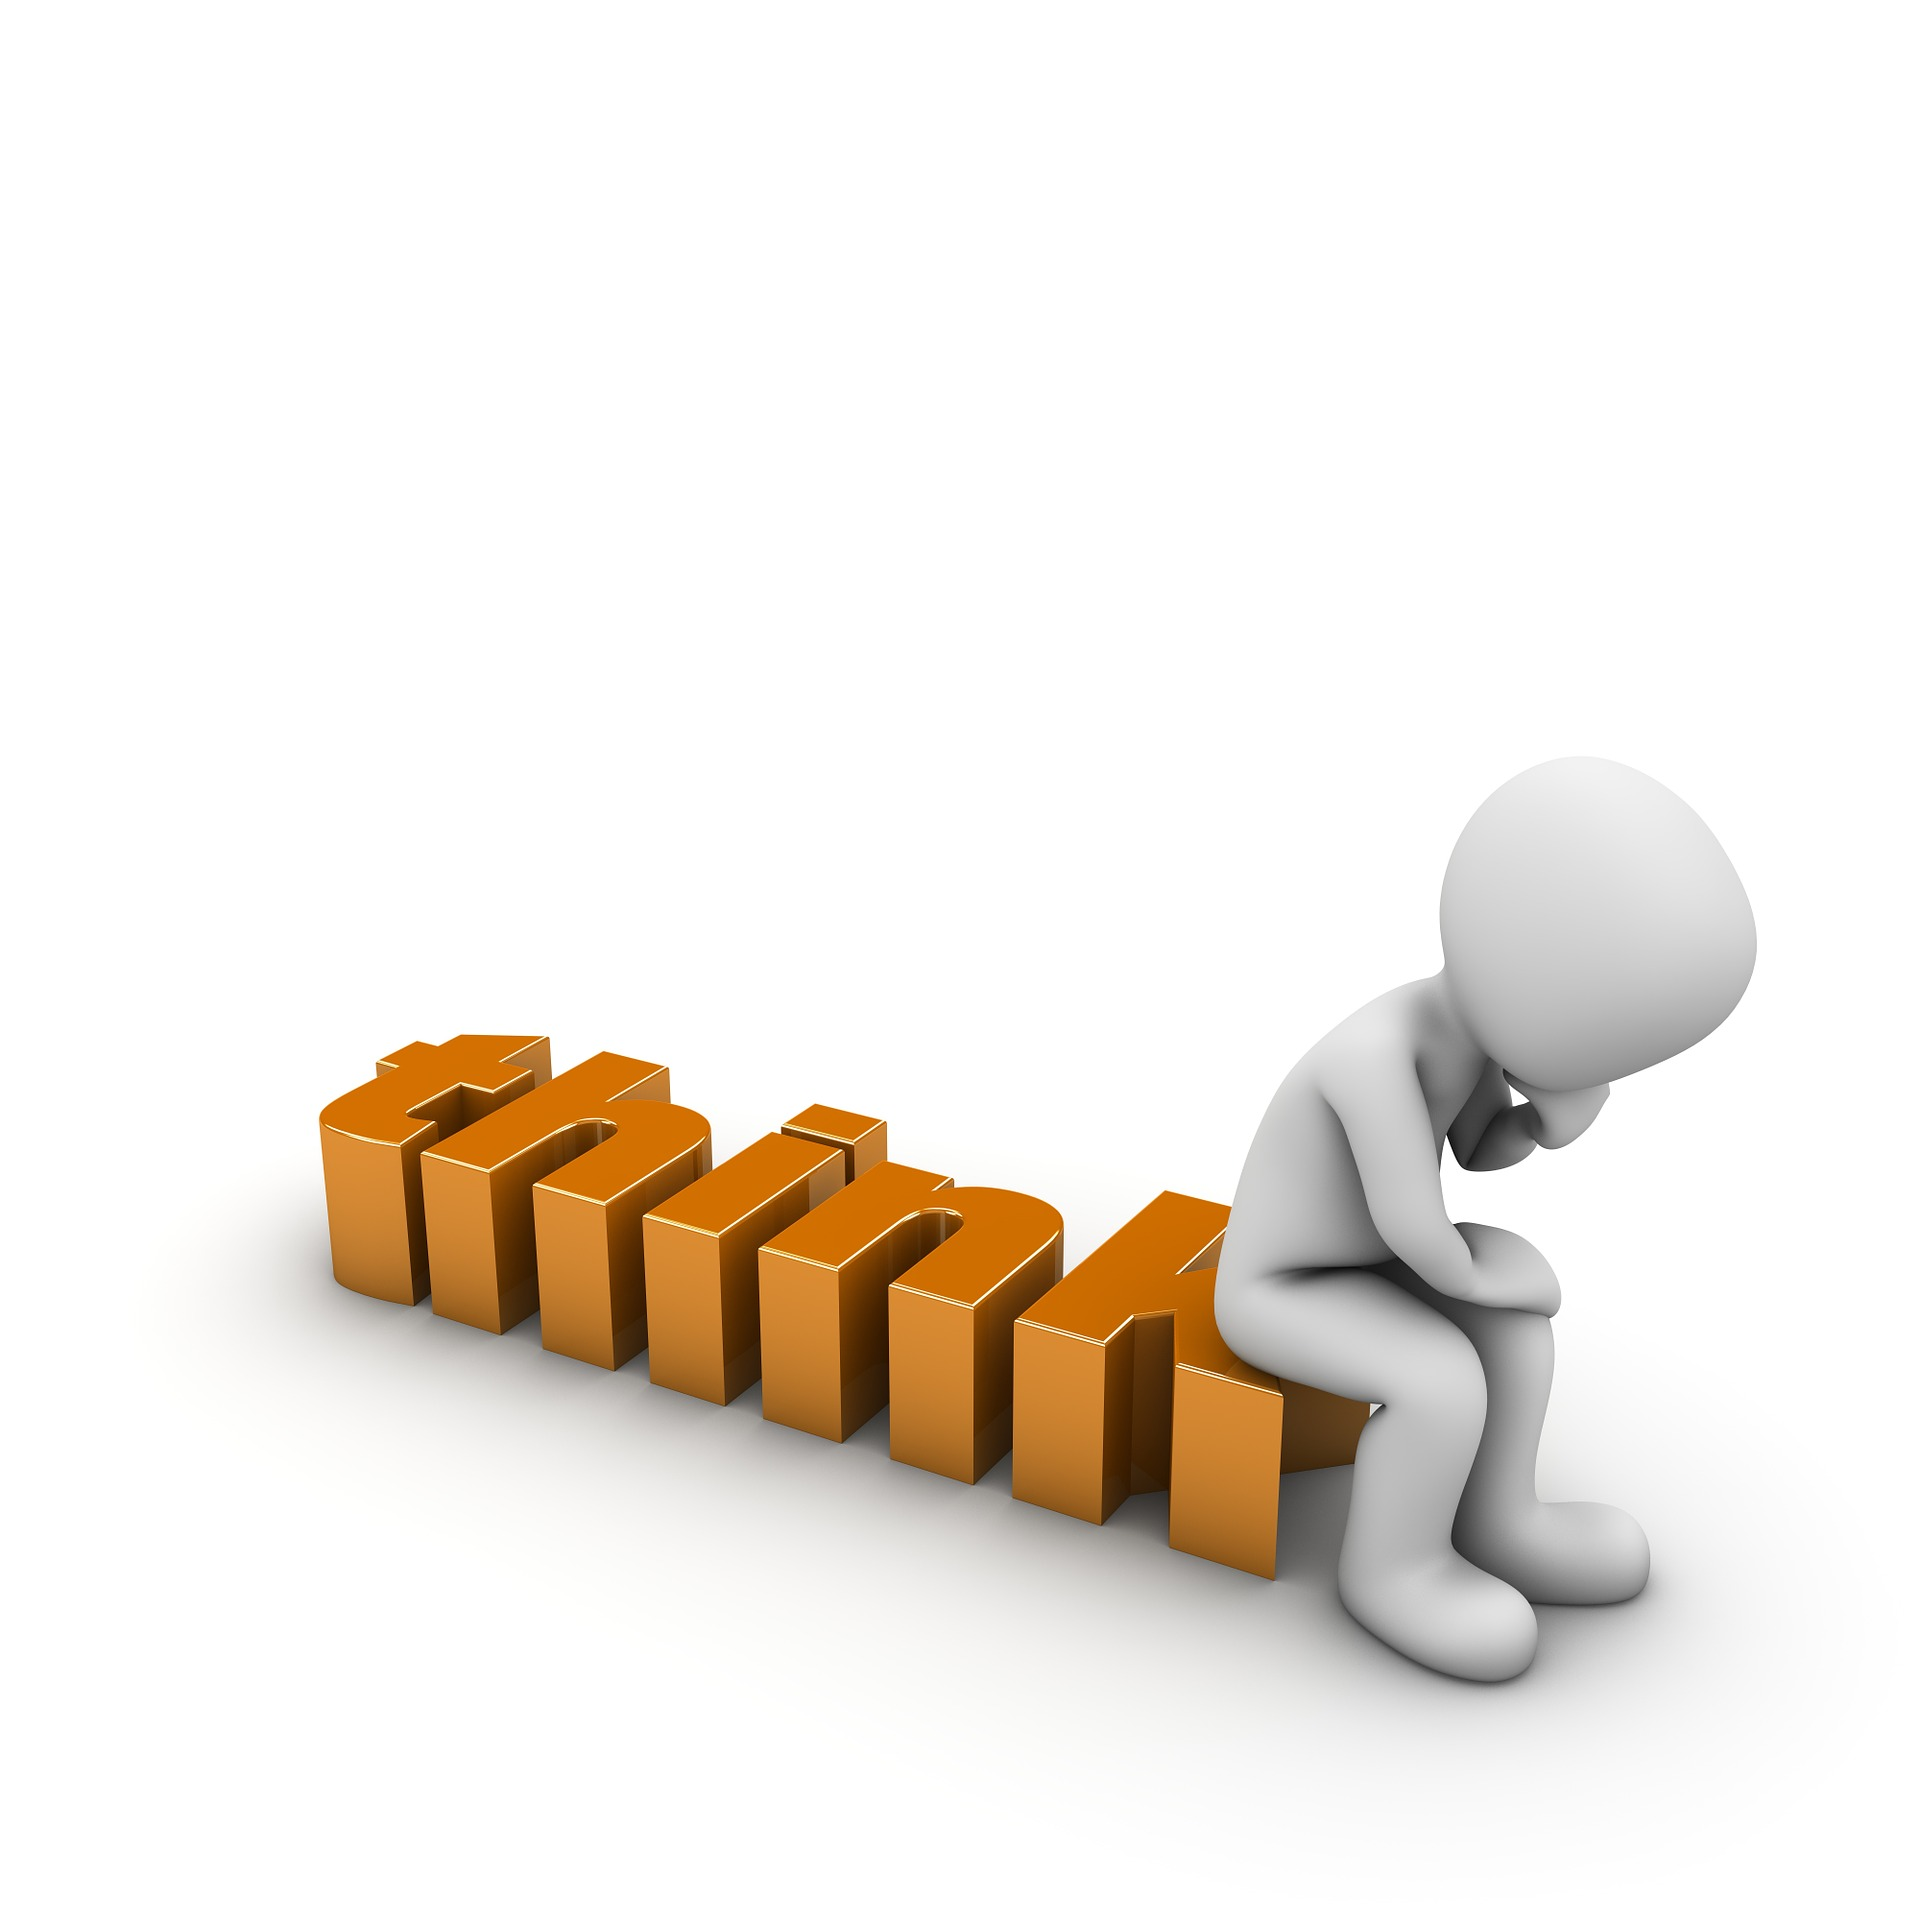 債務整理のメリット・デメリット